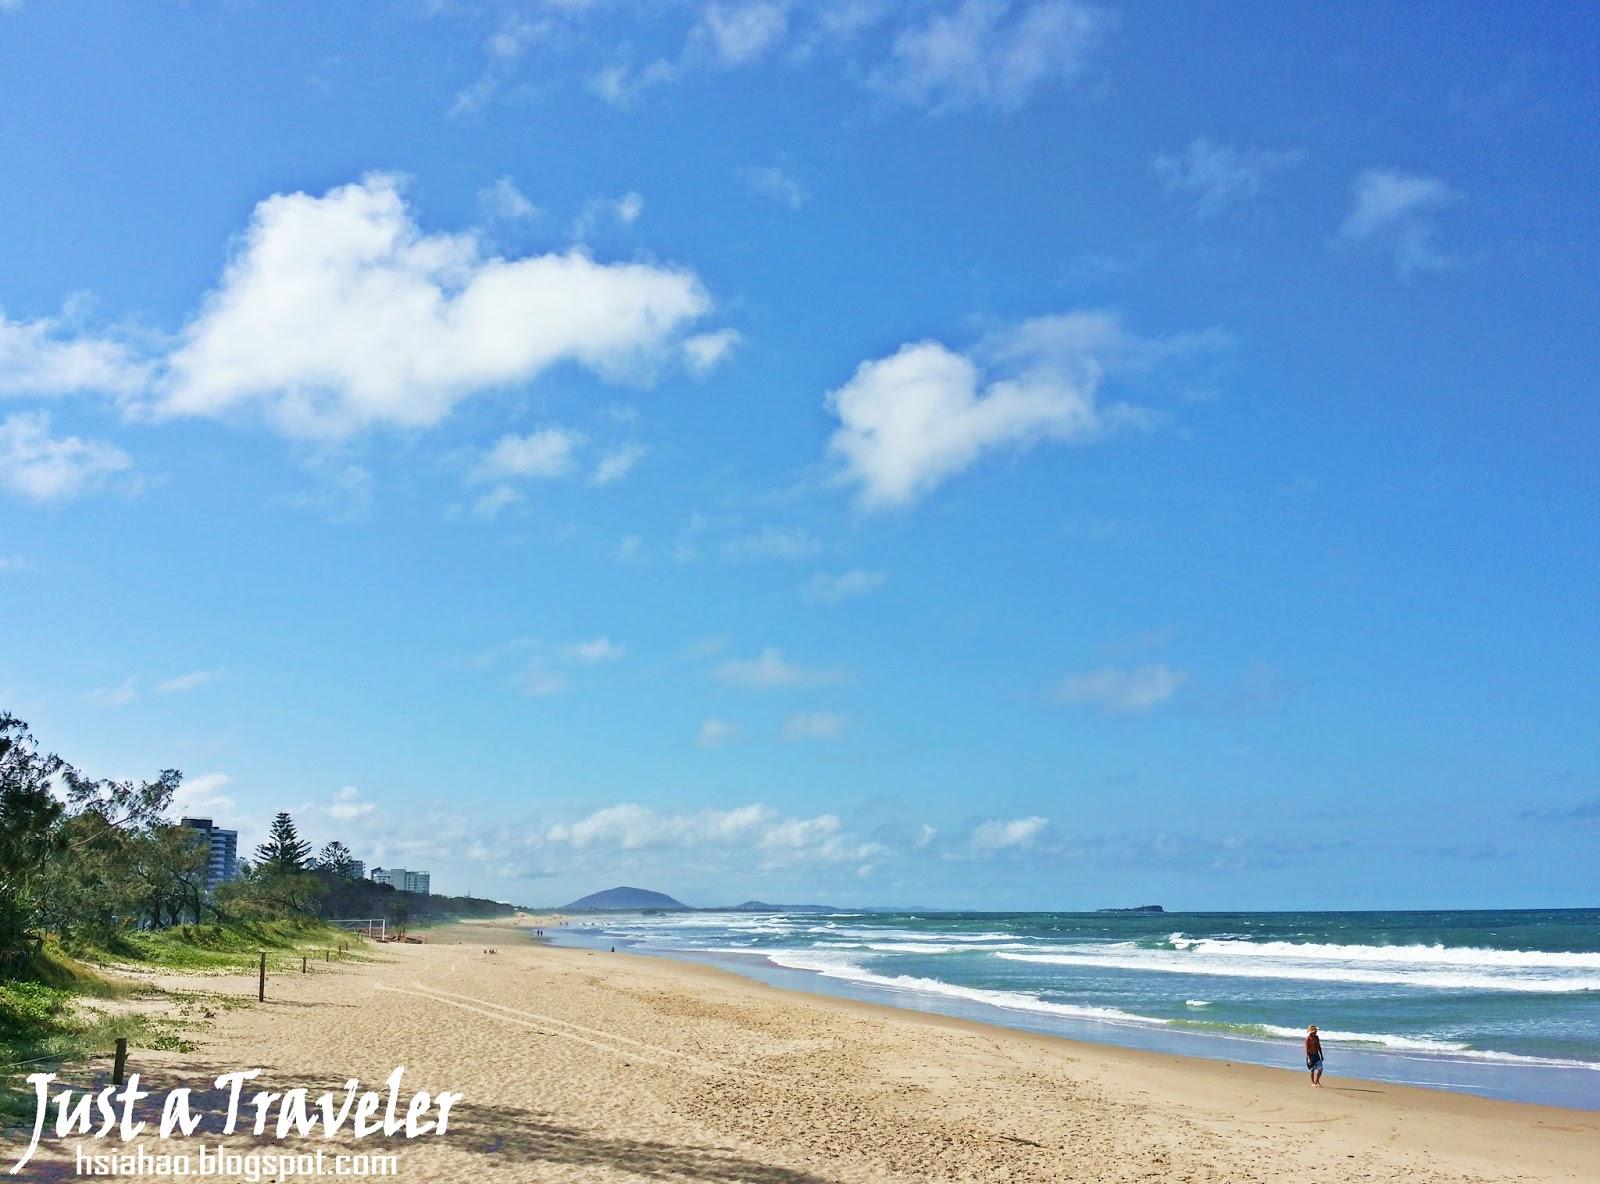 陽光海岸-海灘-一日遊-遊記-陽光海岸景點-推薦-住宿-Sunshine-Coast-Maroochydore-Beach